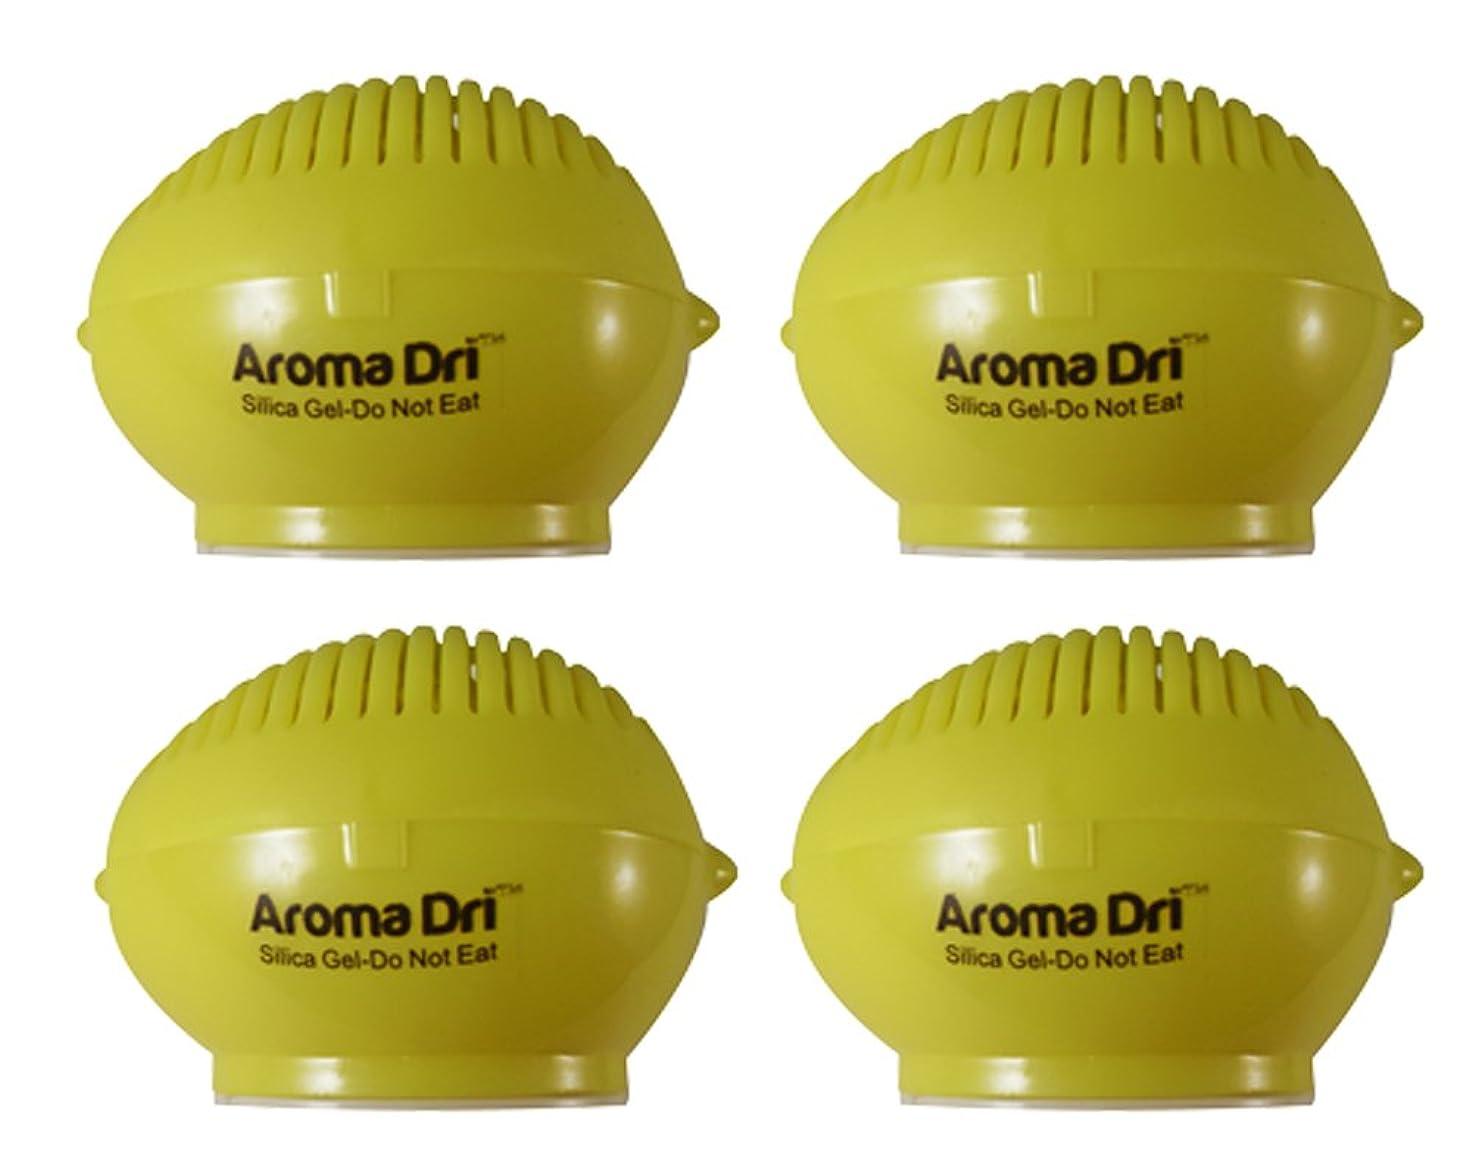 固有の北極圏指令Aroma Dri 50gm ラベンダーの香り シリカゲルレモン容器 4-Pack LEMON50LAVENDER-4PK